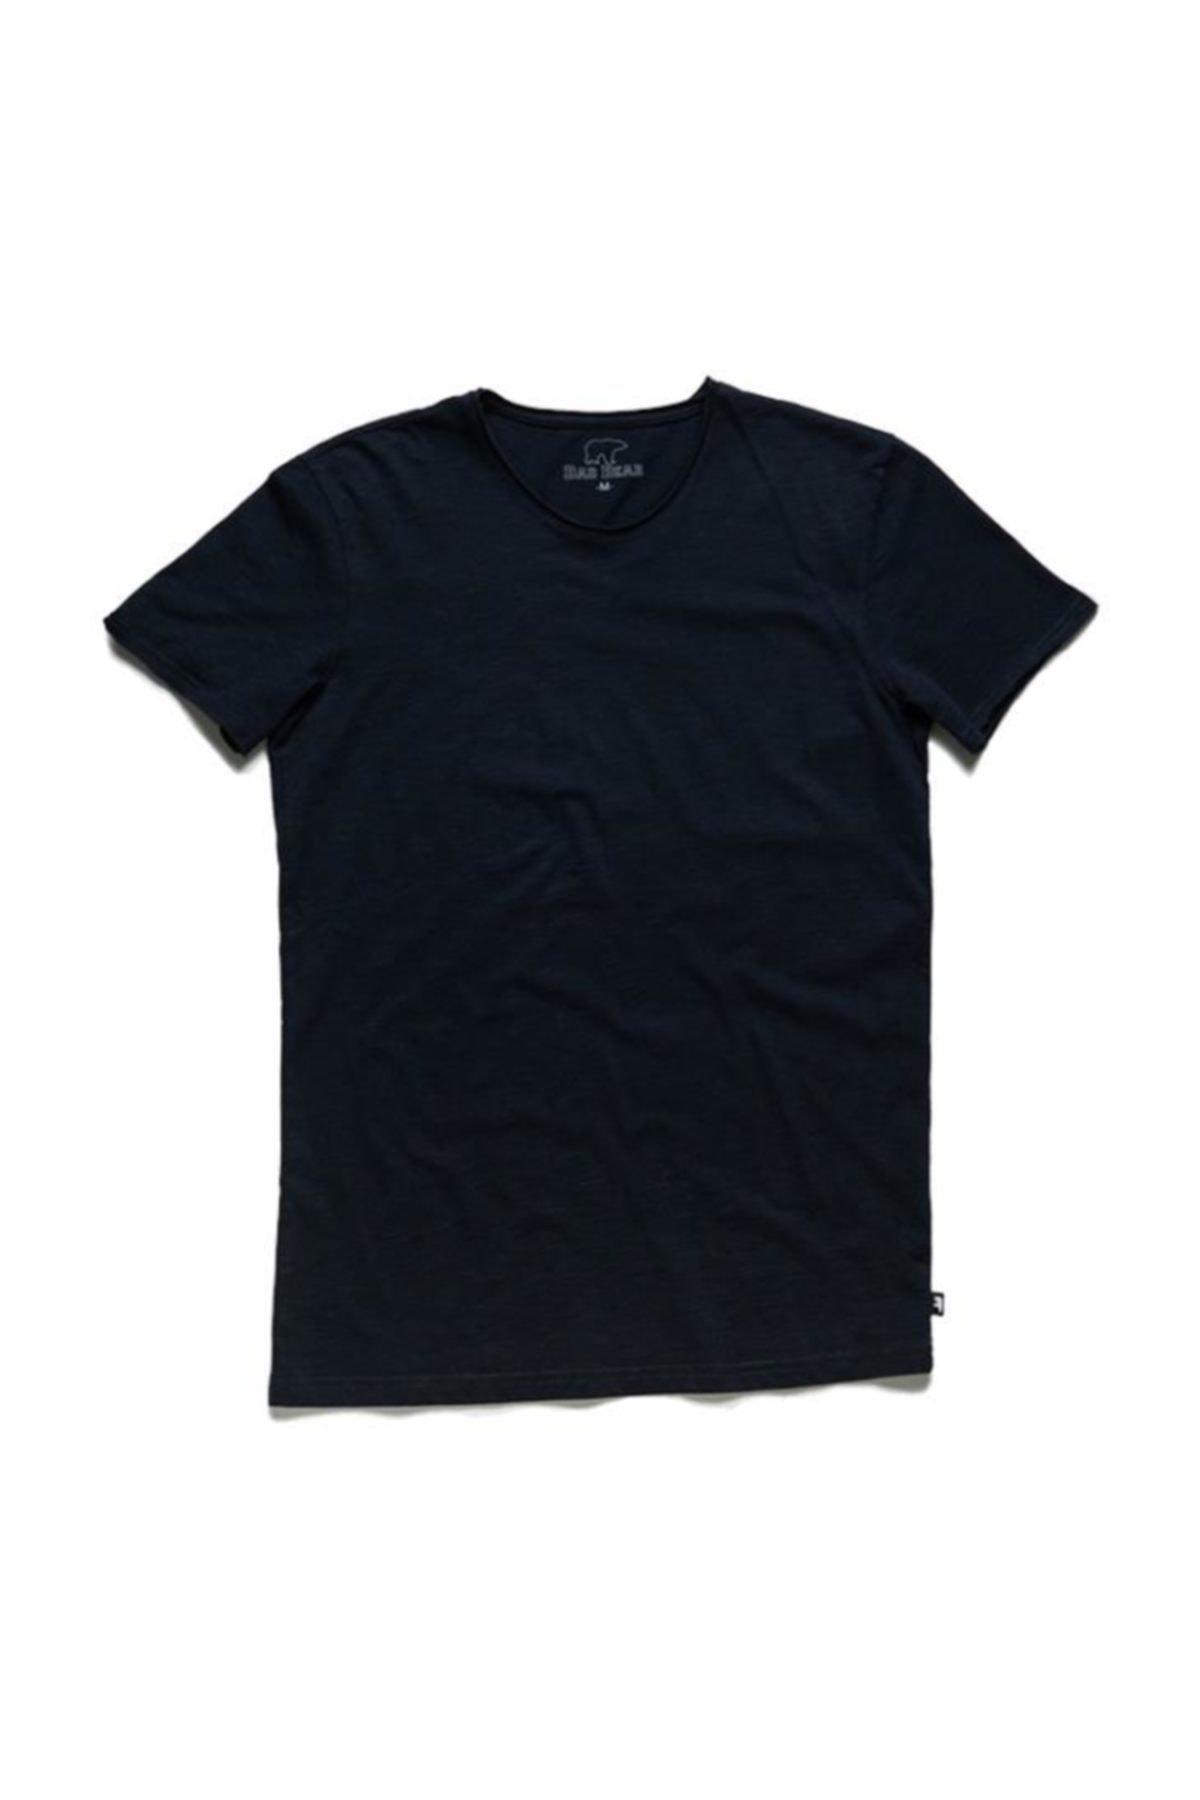 Bad Bear Erkek T-shirt  18.01.07.011-C07 1